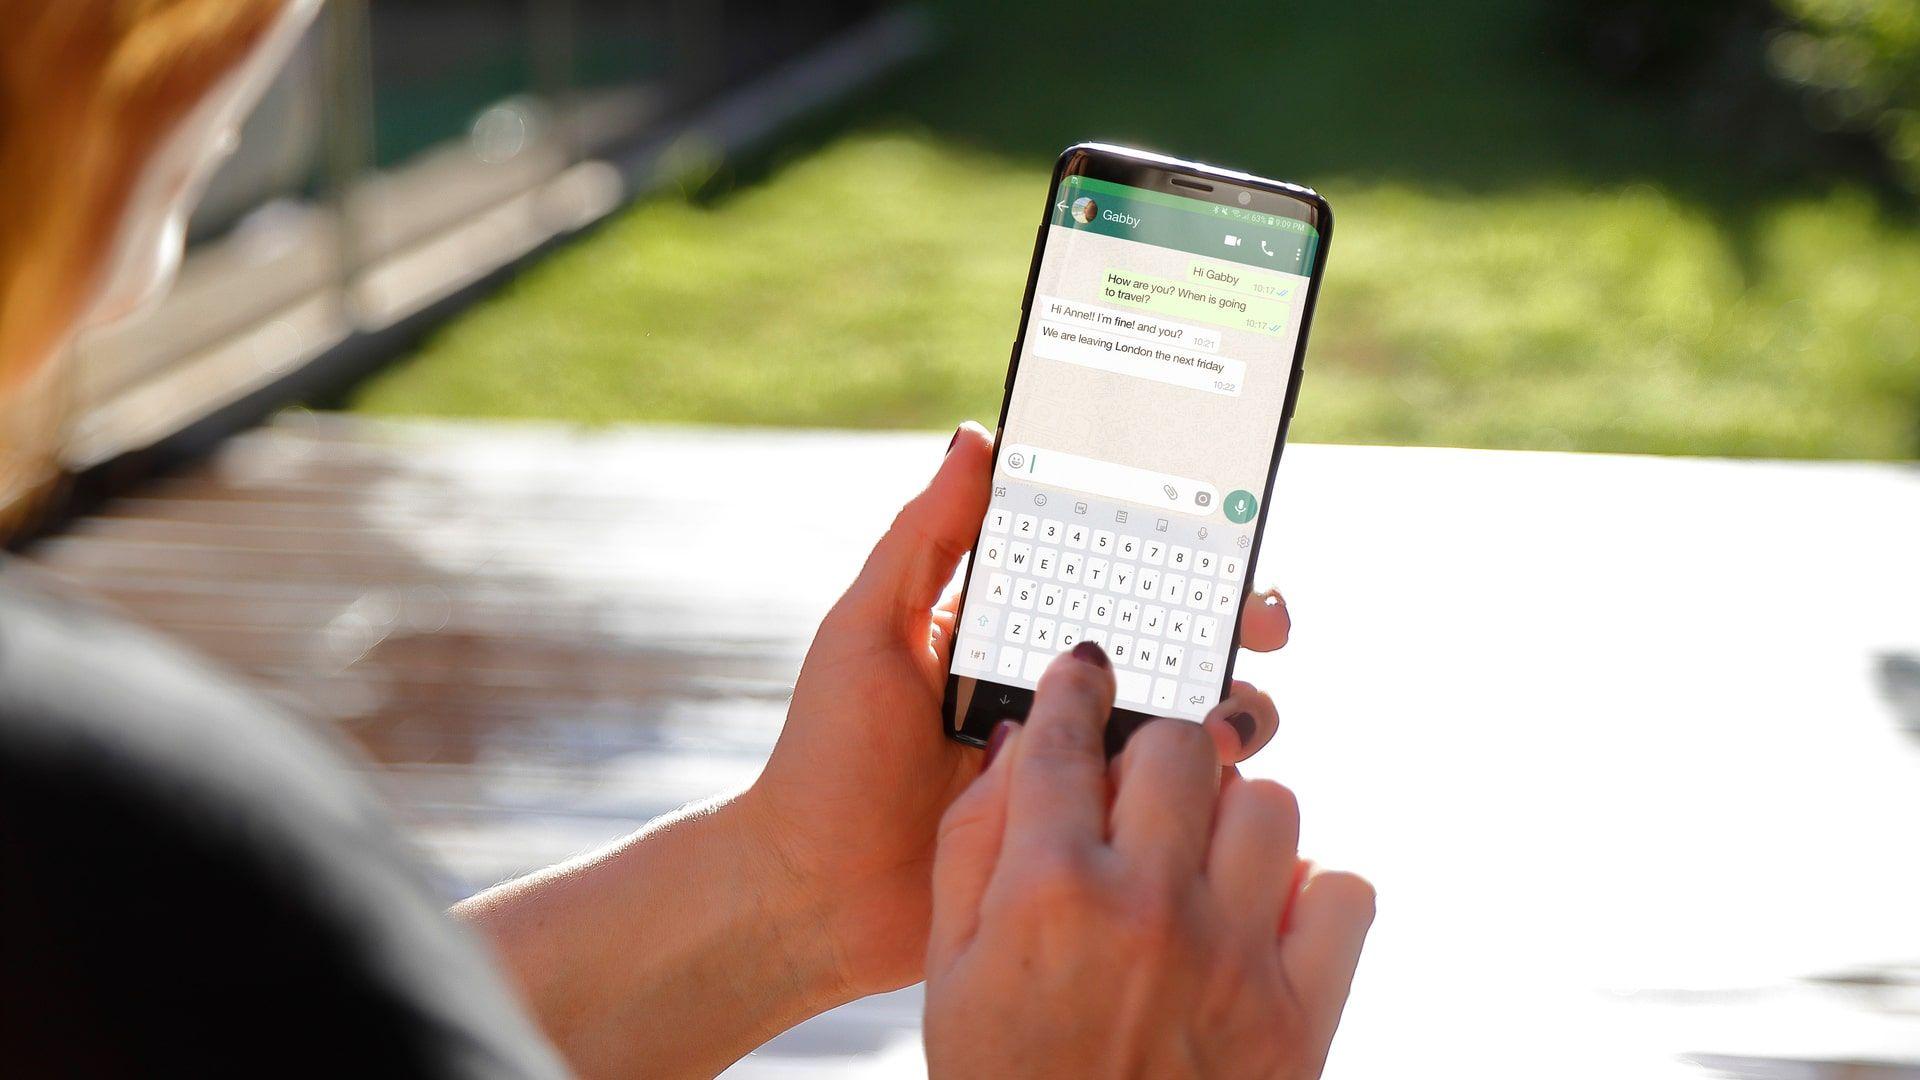 Como recuperar mensagens apagadas do WhatsApp? Apps mostram mensagens deletadas pelos contatos (Foto: Shutterstock)